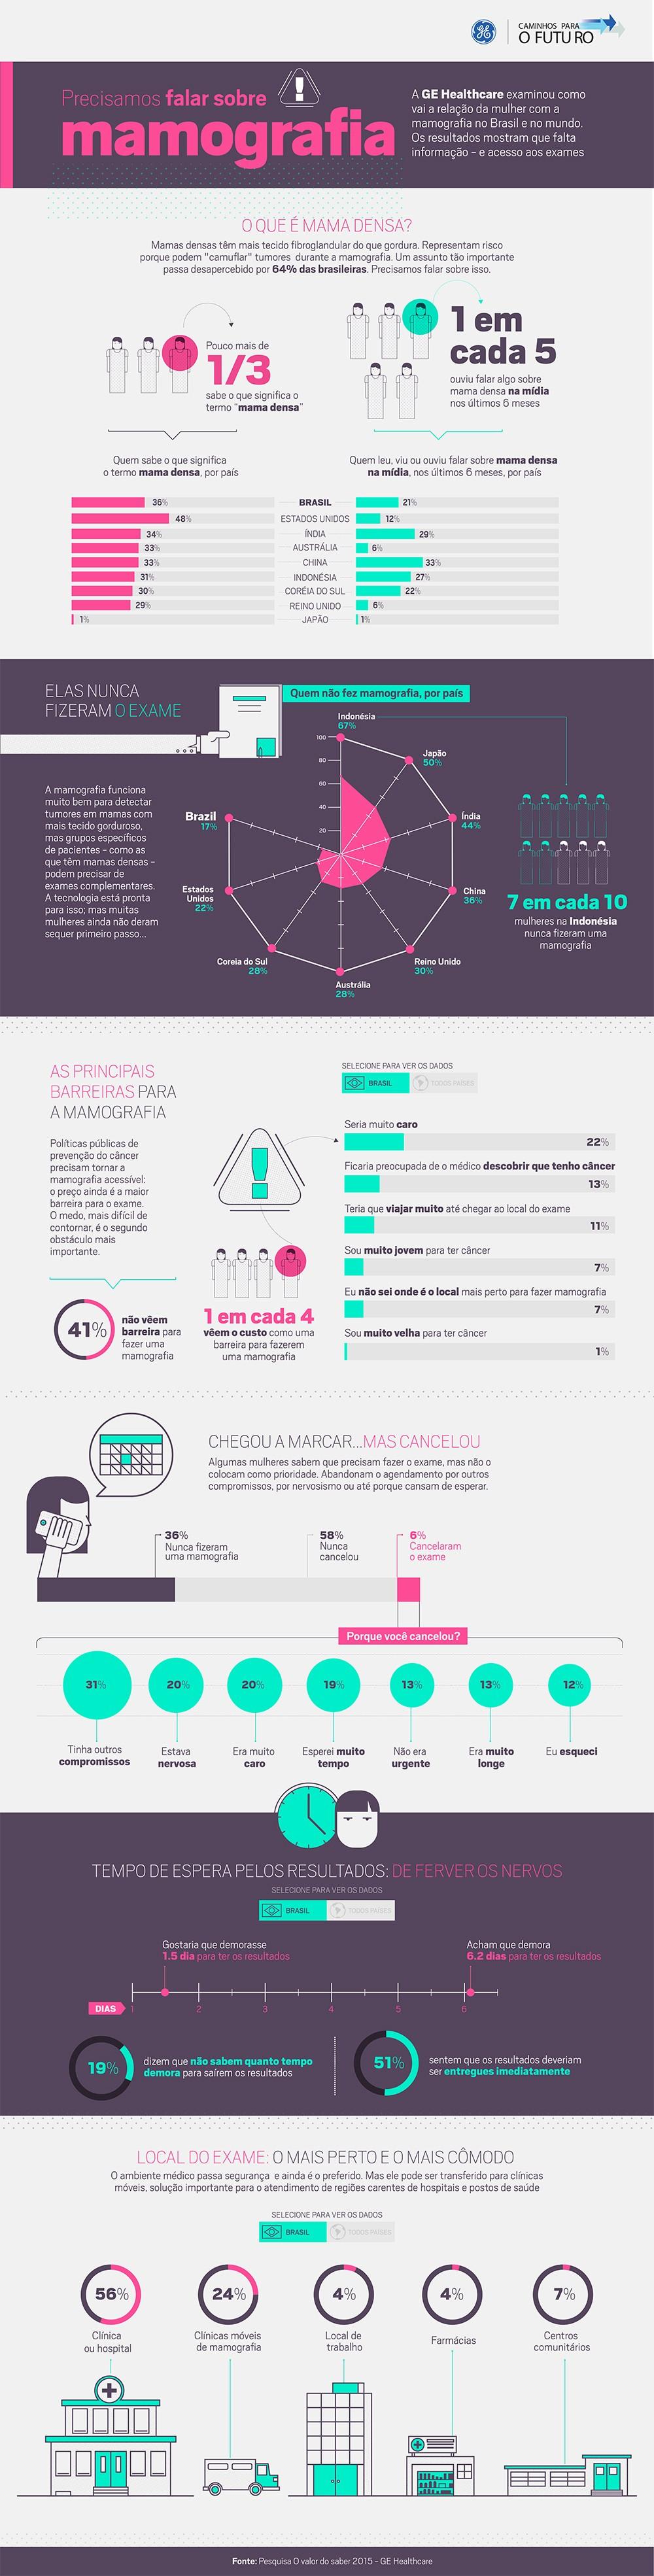 Infográfico mamografia outubro rosa (Foto: Caminhos Para o Futuro)